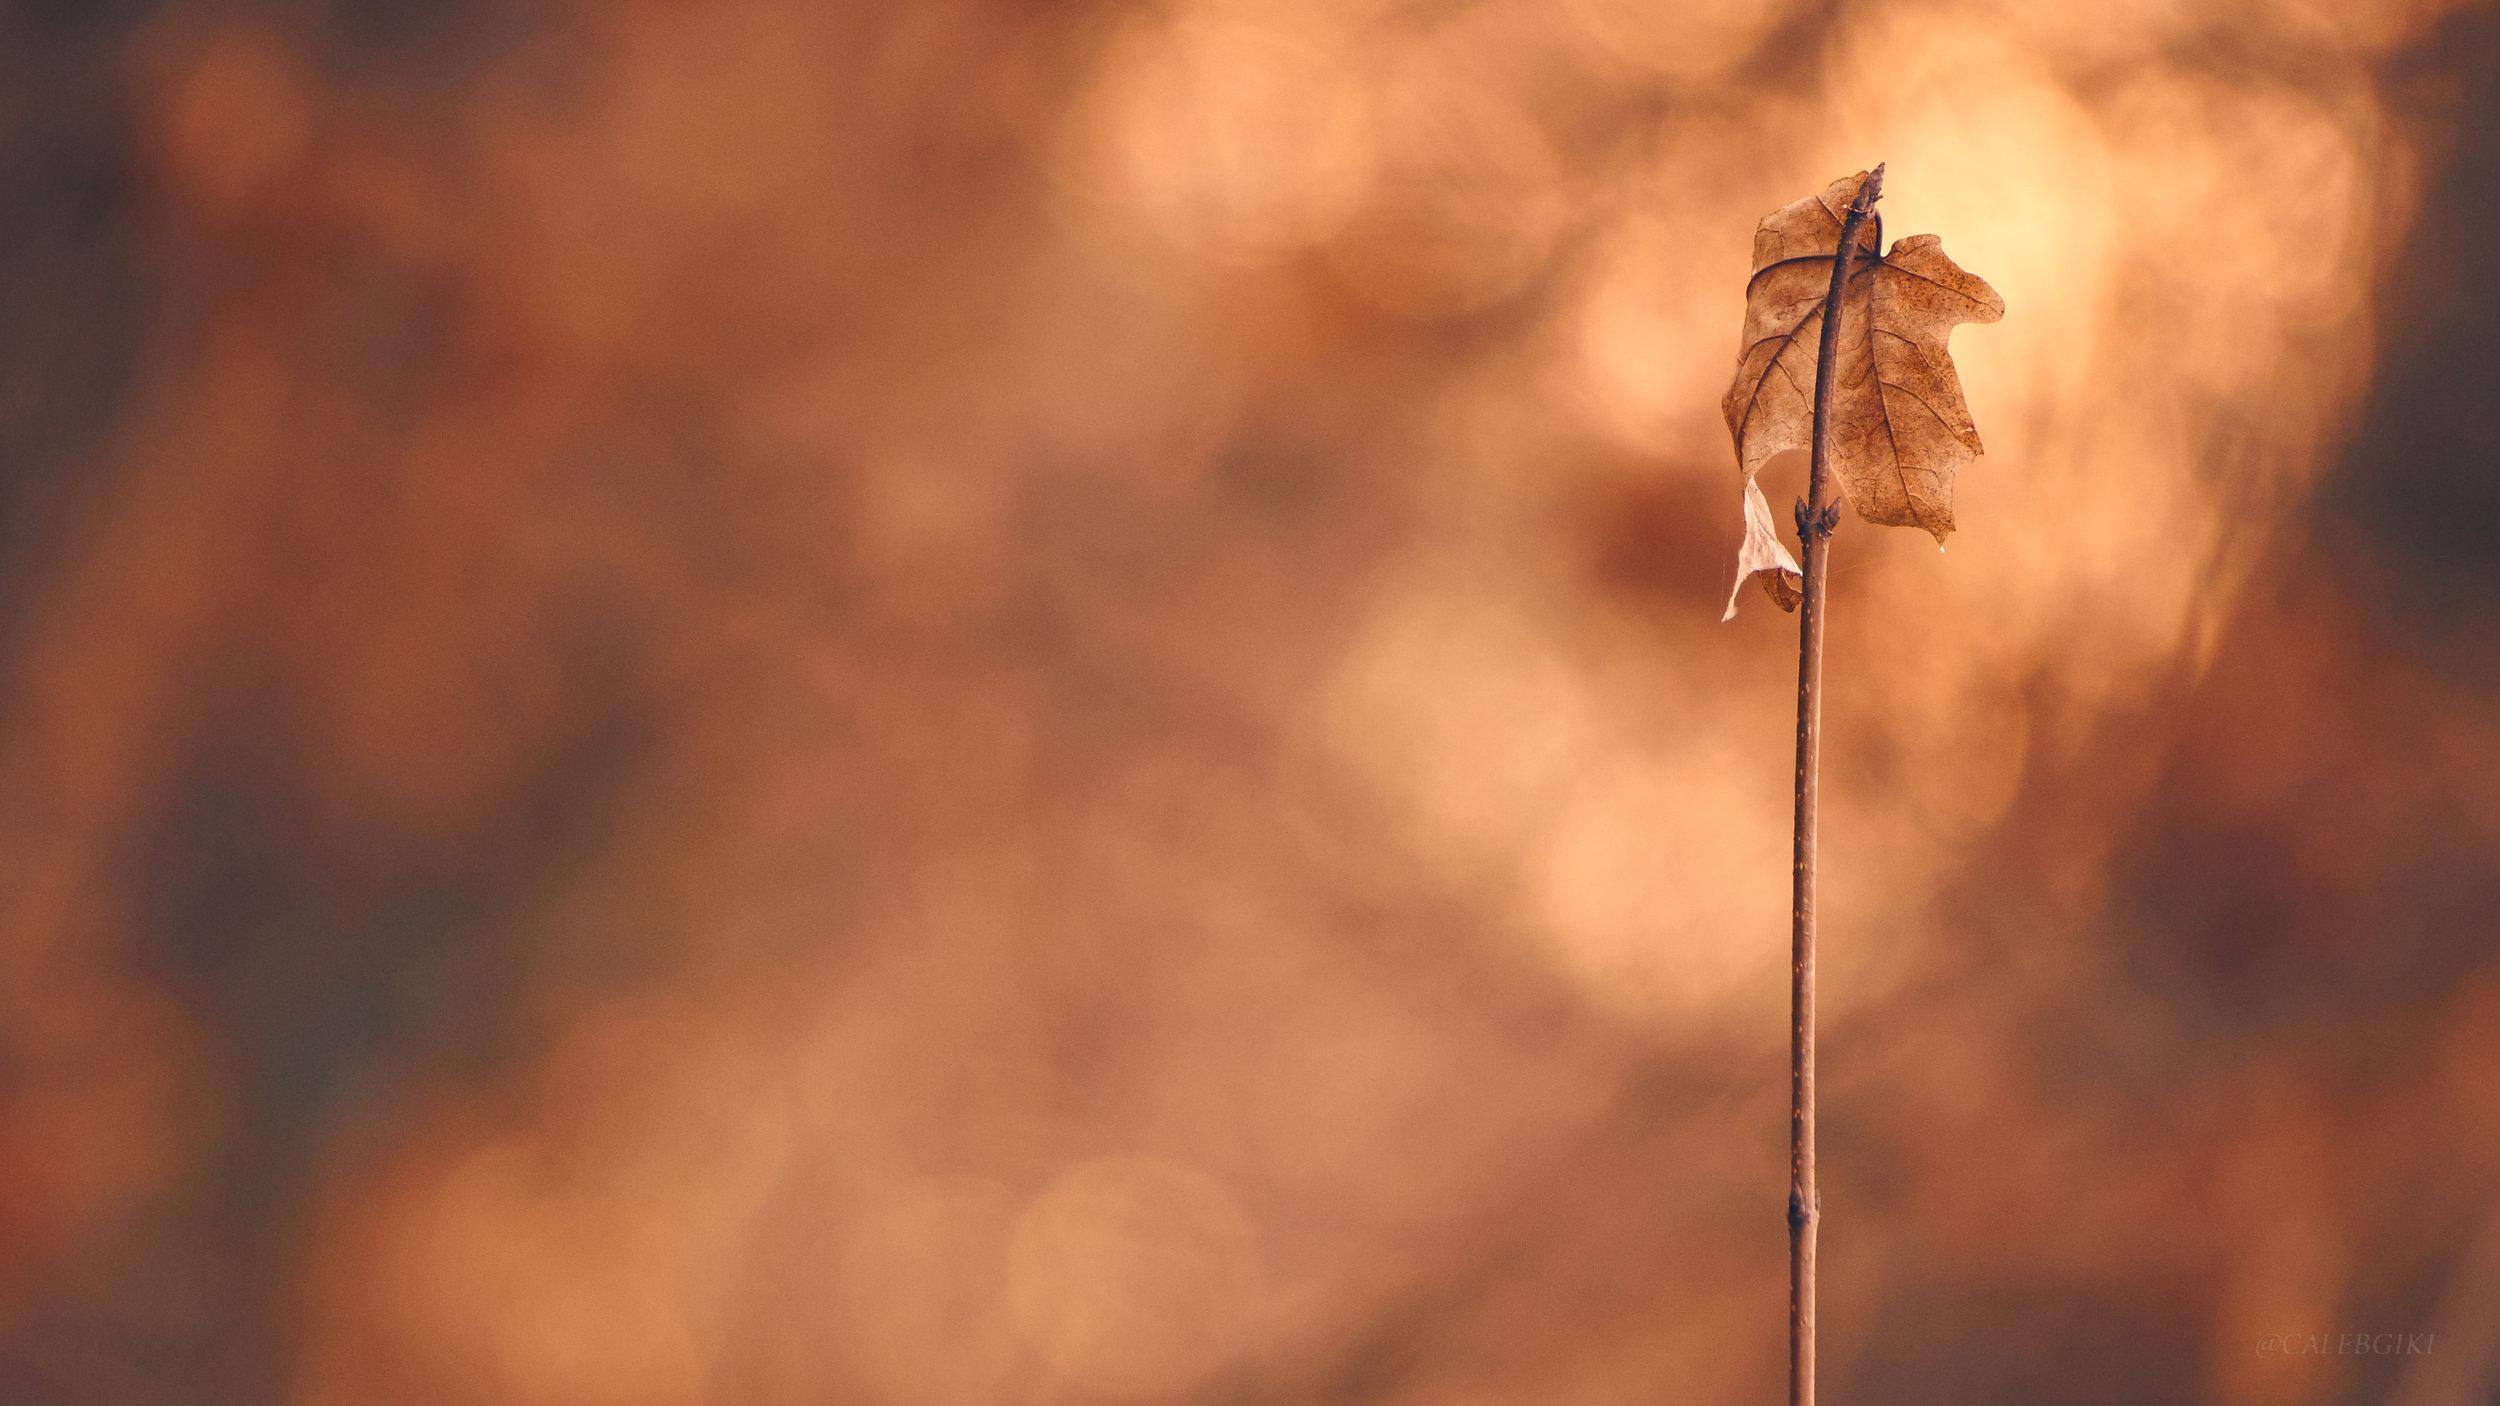 Dying Autumn Leaf